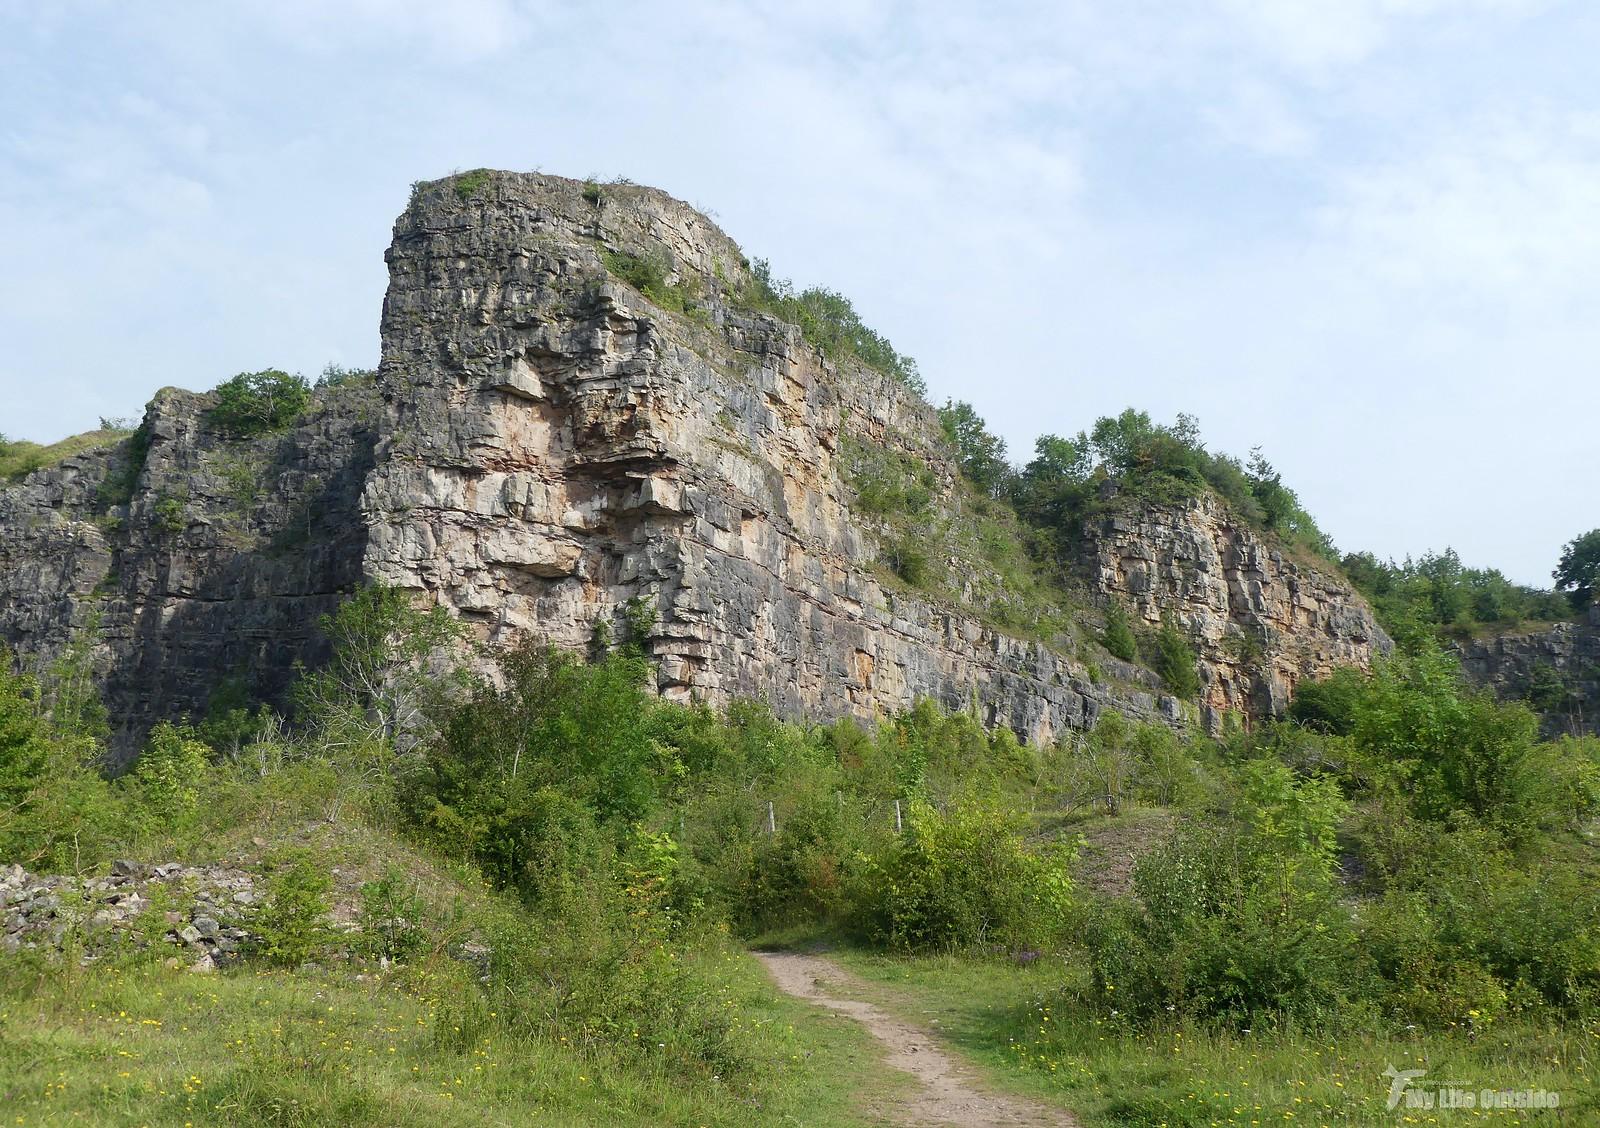 P1240745 - Llanymynech Rocks